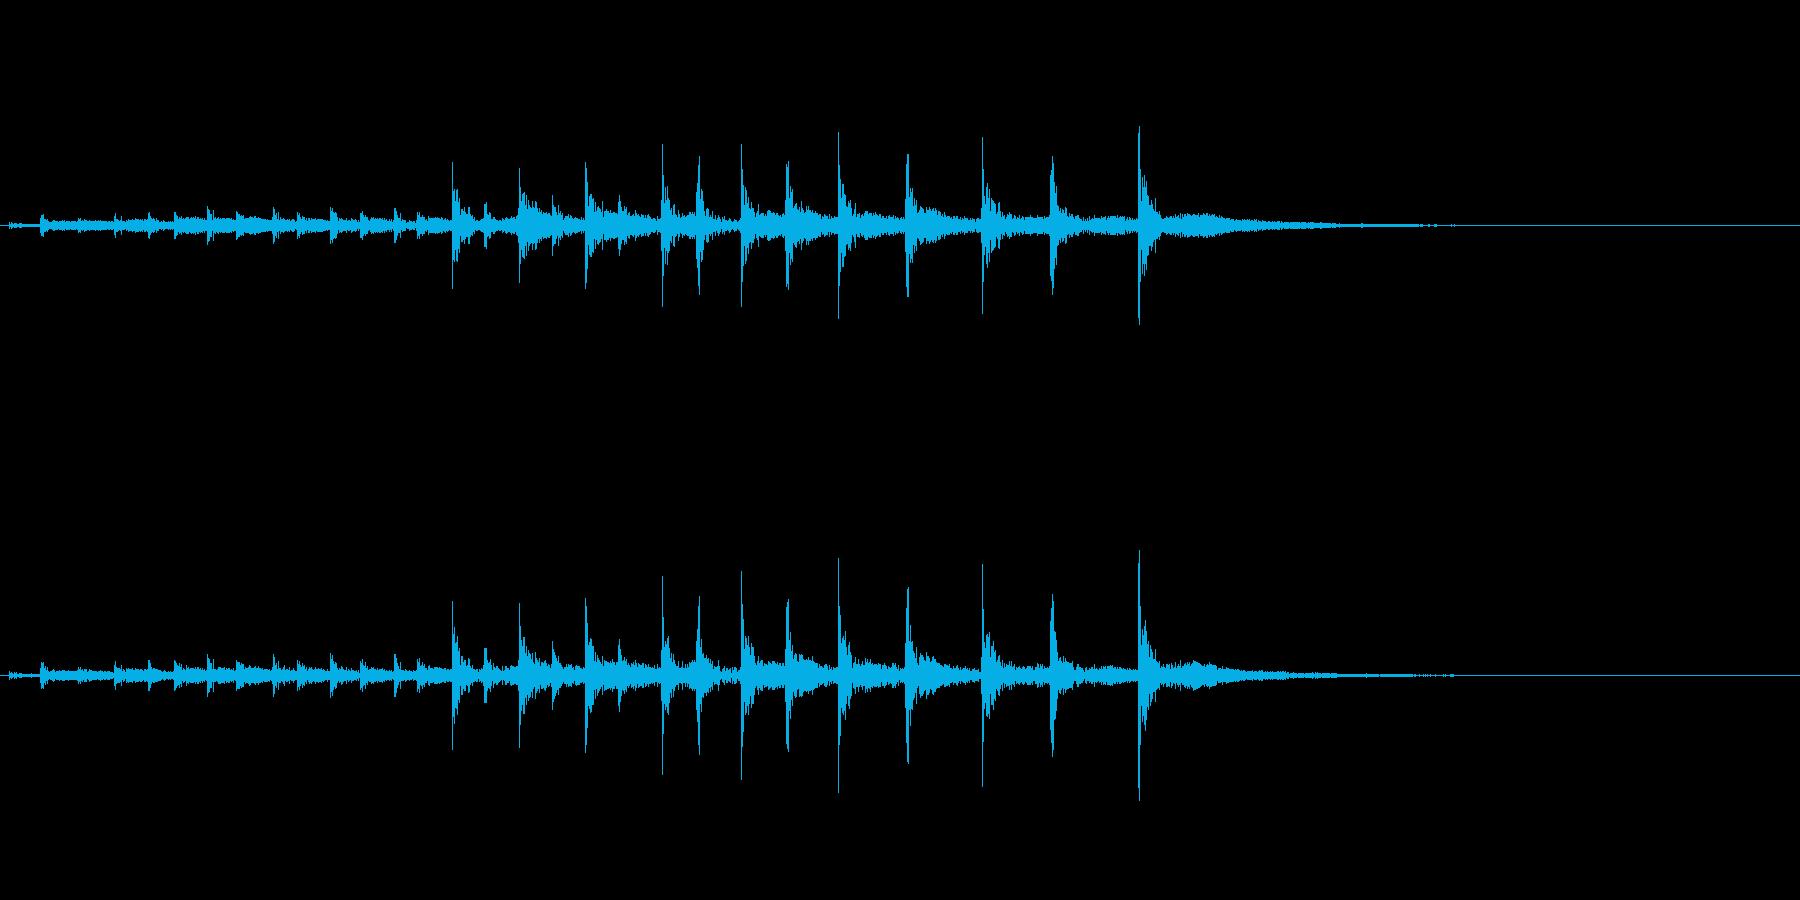 祭囃子や邦楽囃子の豆太鼓フレーズ音+FXの再生済みの波形